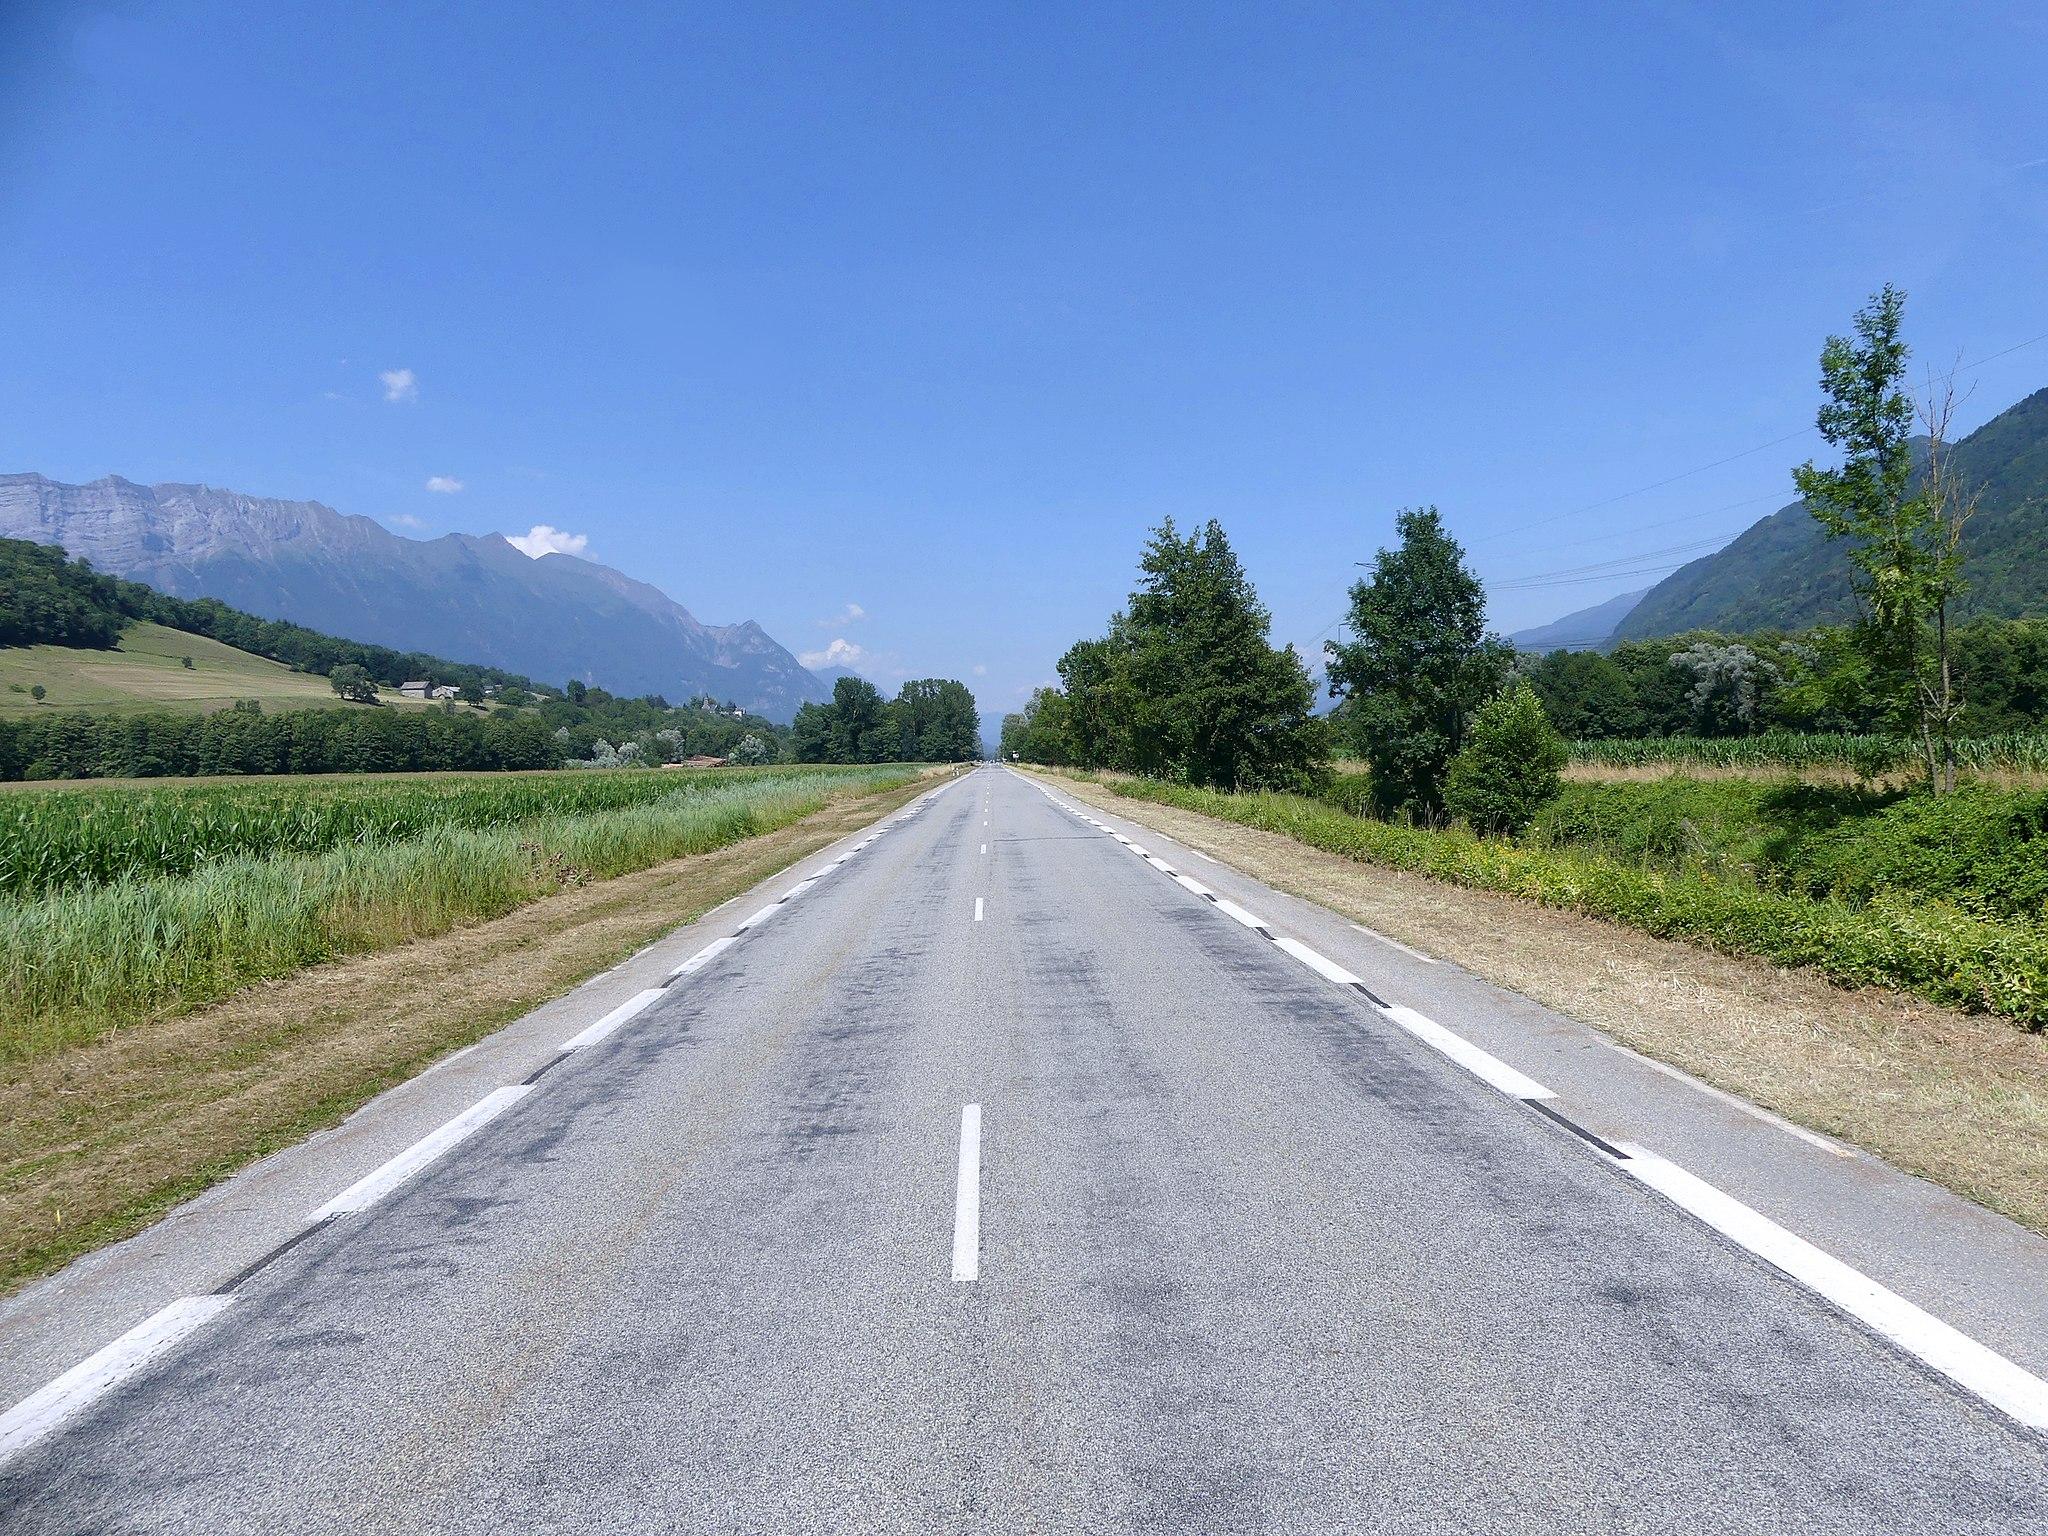 France, route départementale. Un patrimoine public qui fait le quotidien des Français (Wikimedia Commons, Florian Pépellin, 2019)